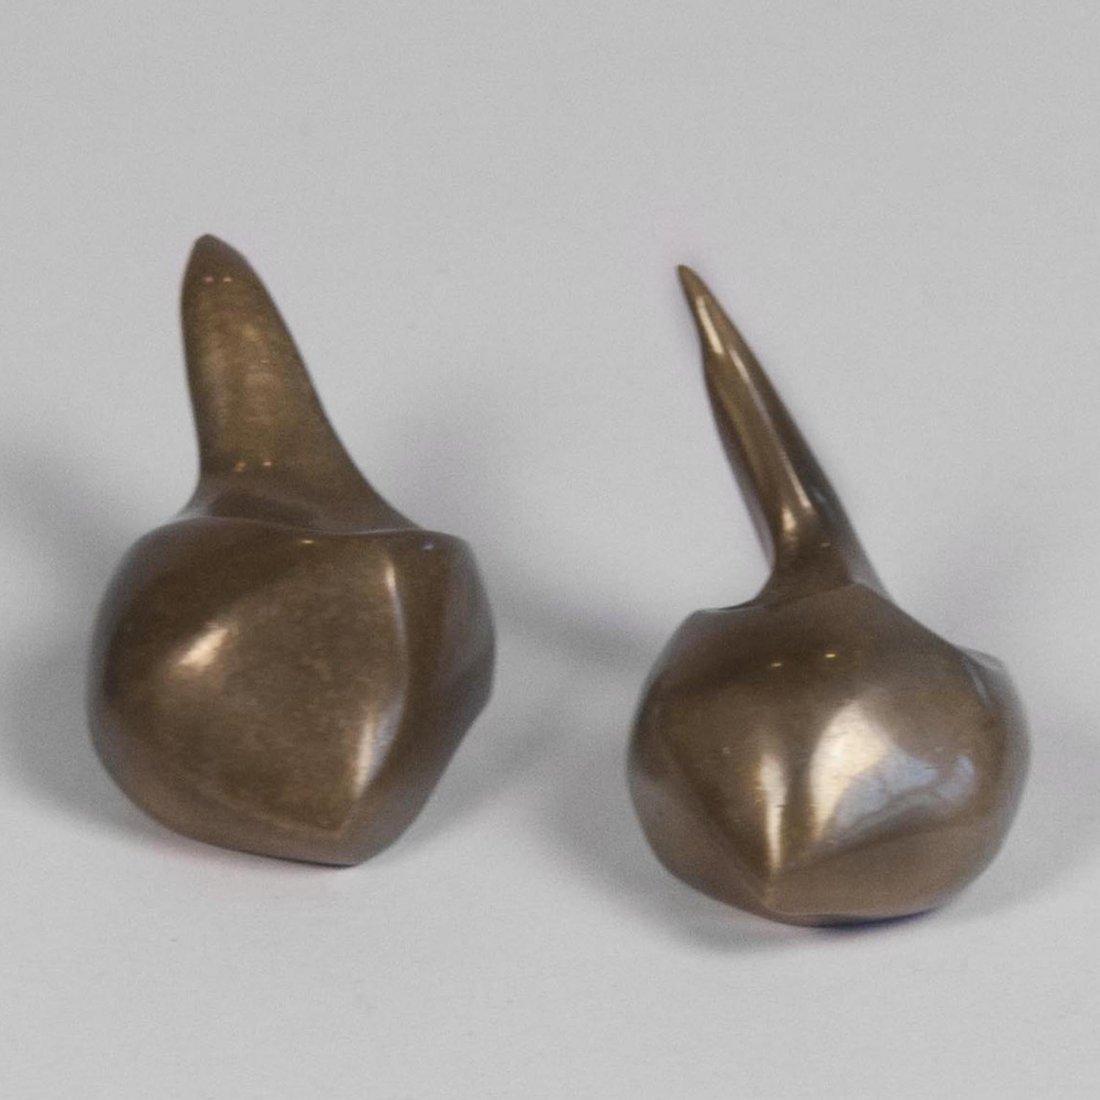 Solid Bronze Sculptures by M. Jaubert